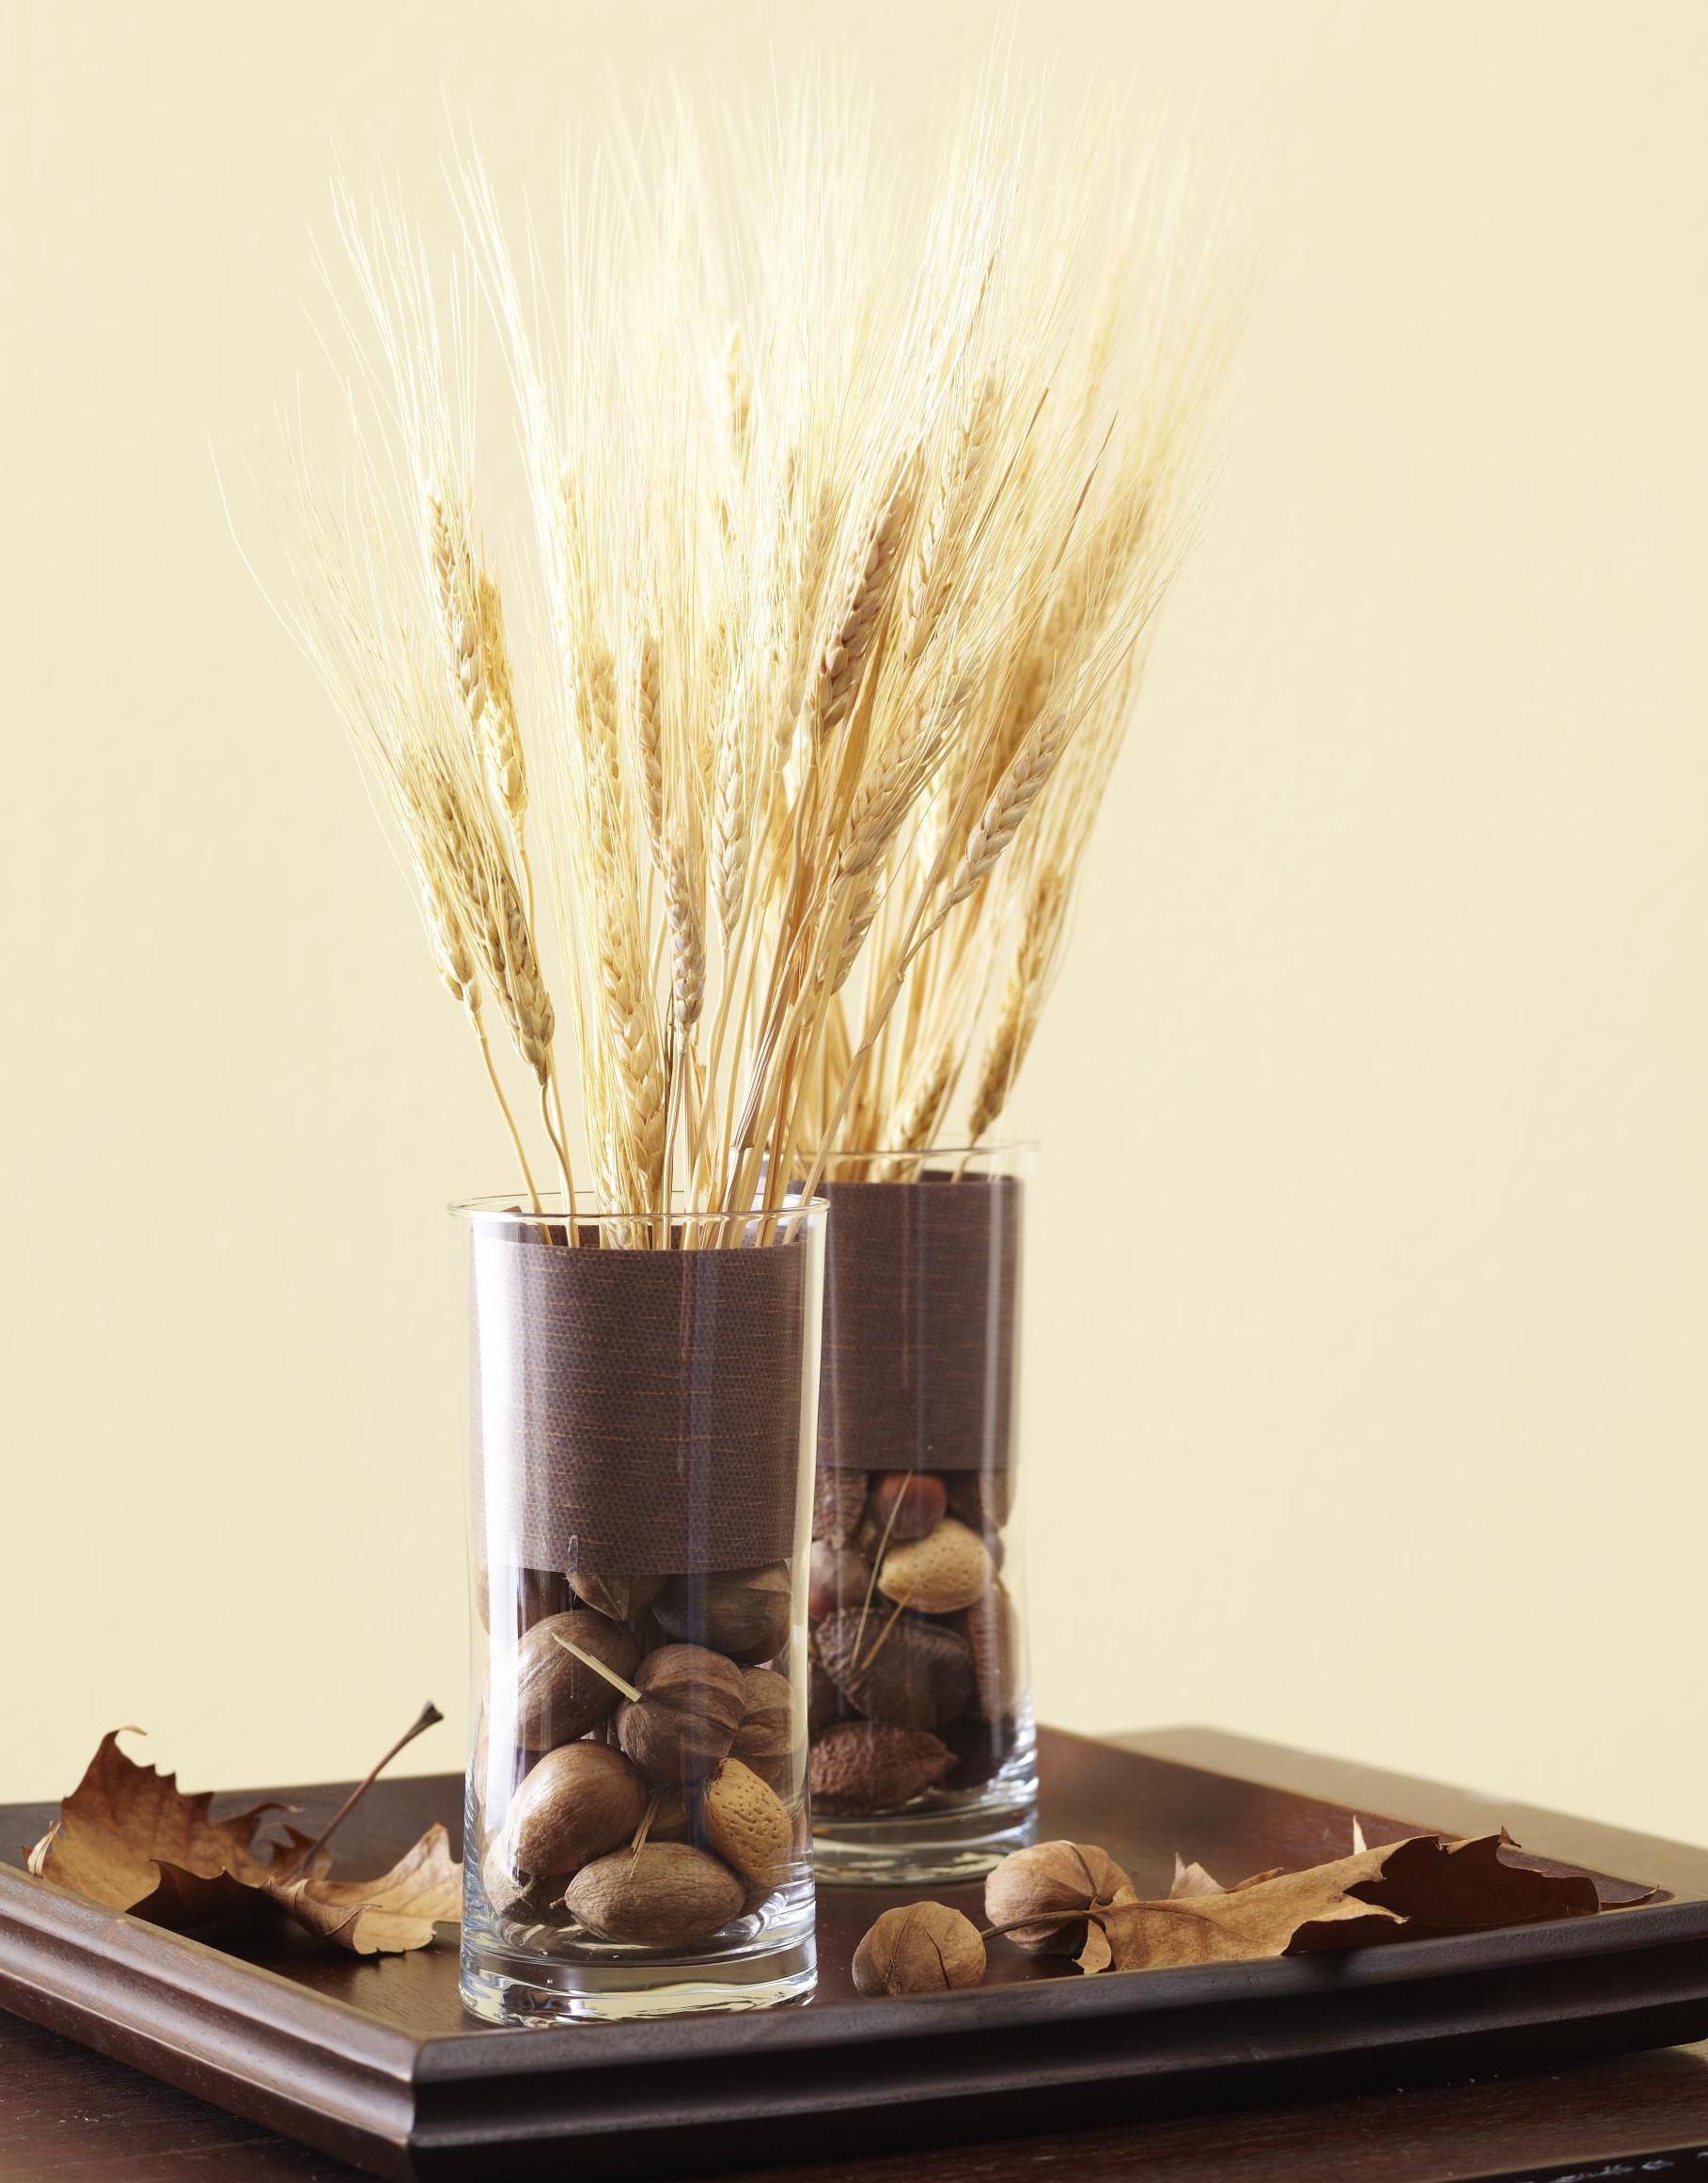 Harvest vases